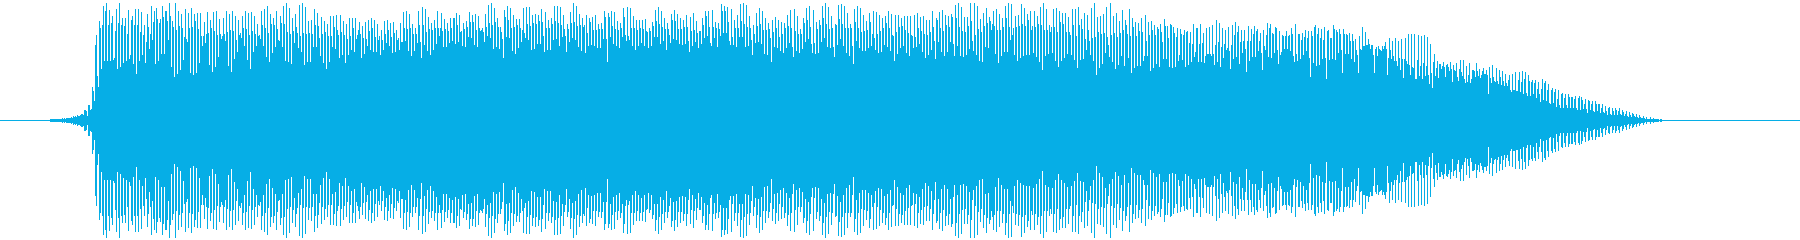 おもちゃの笛 プゥゥーの再生済みの波形